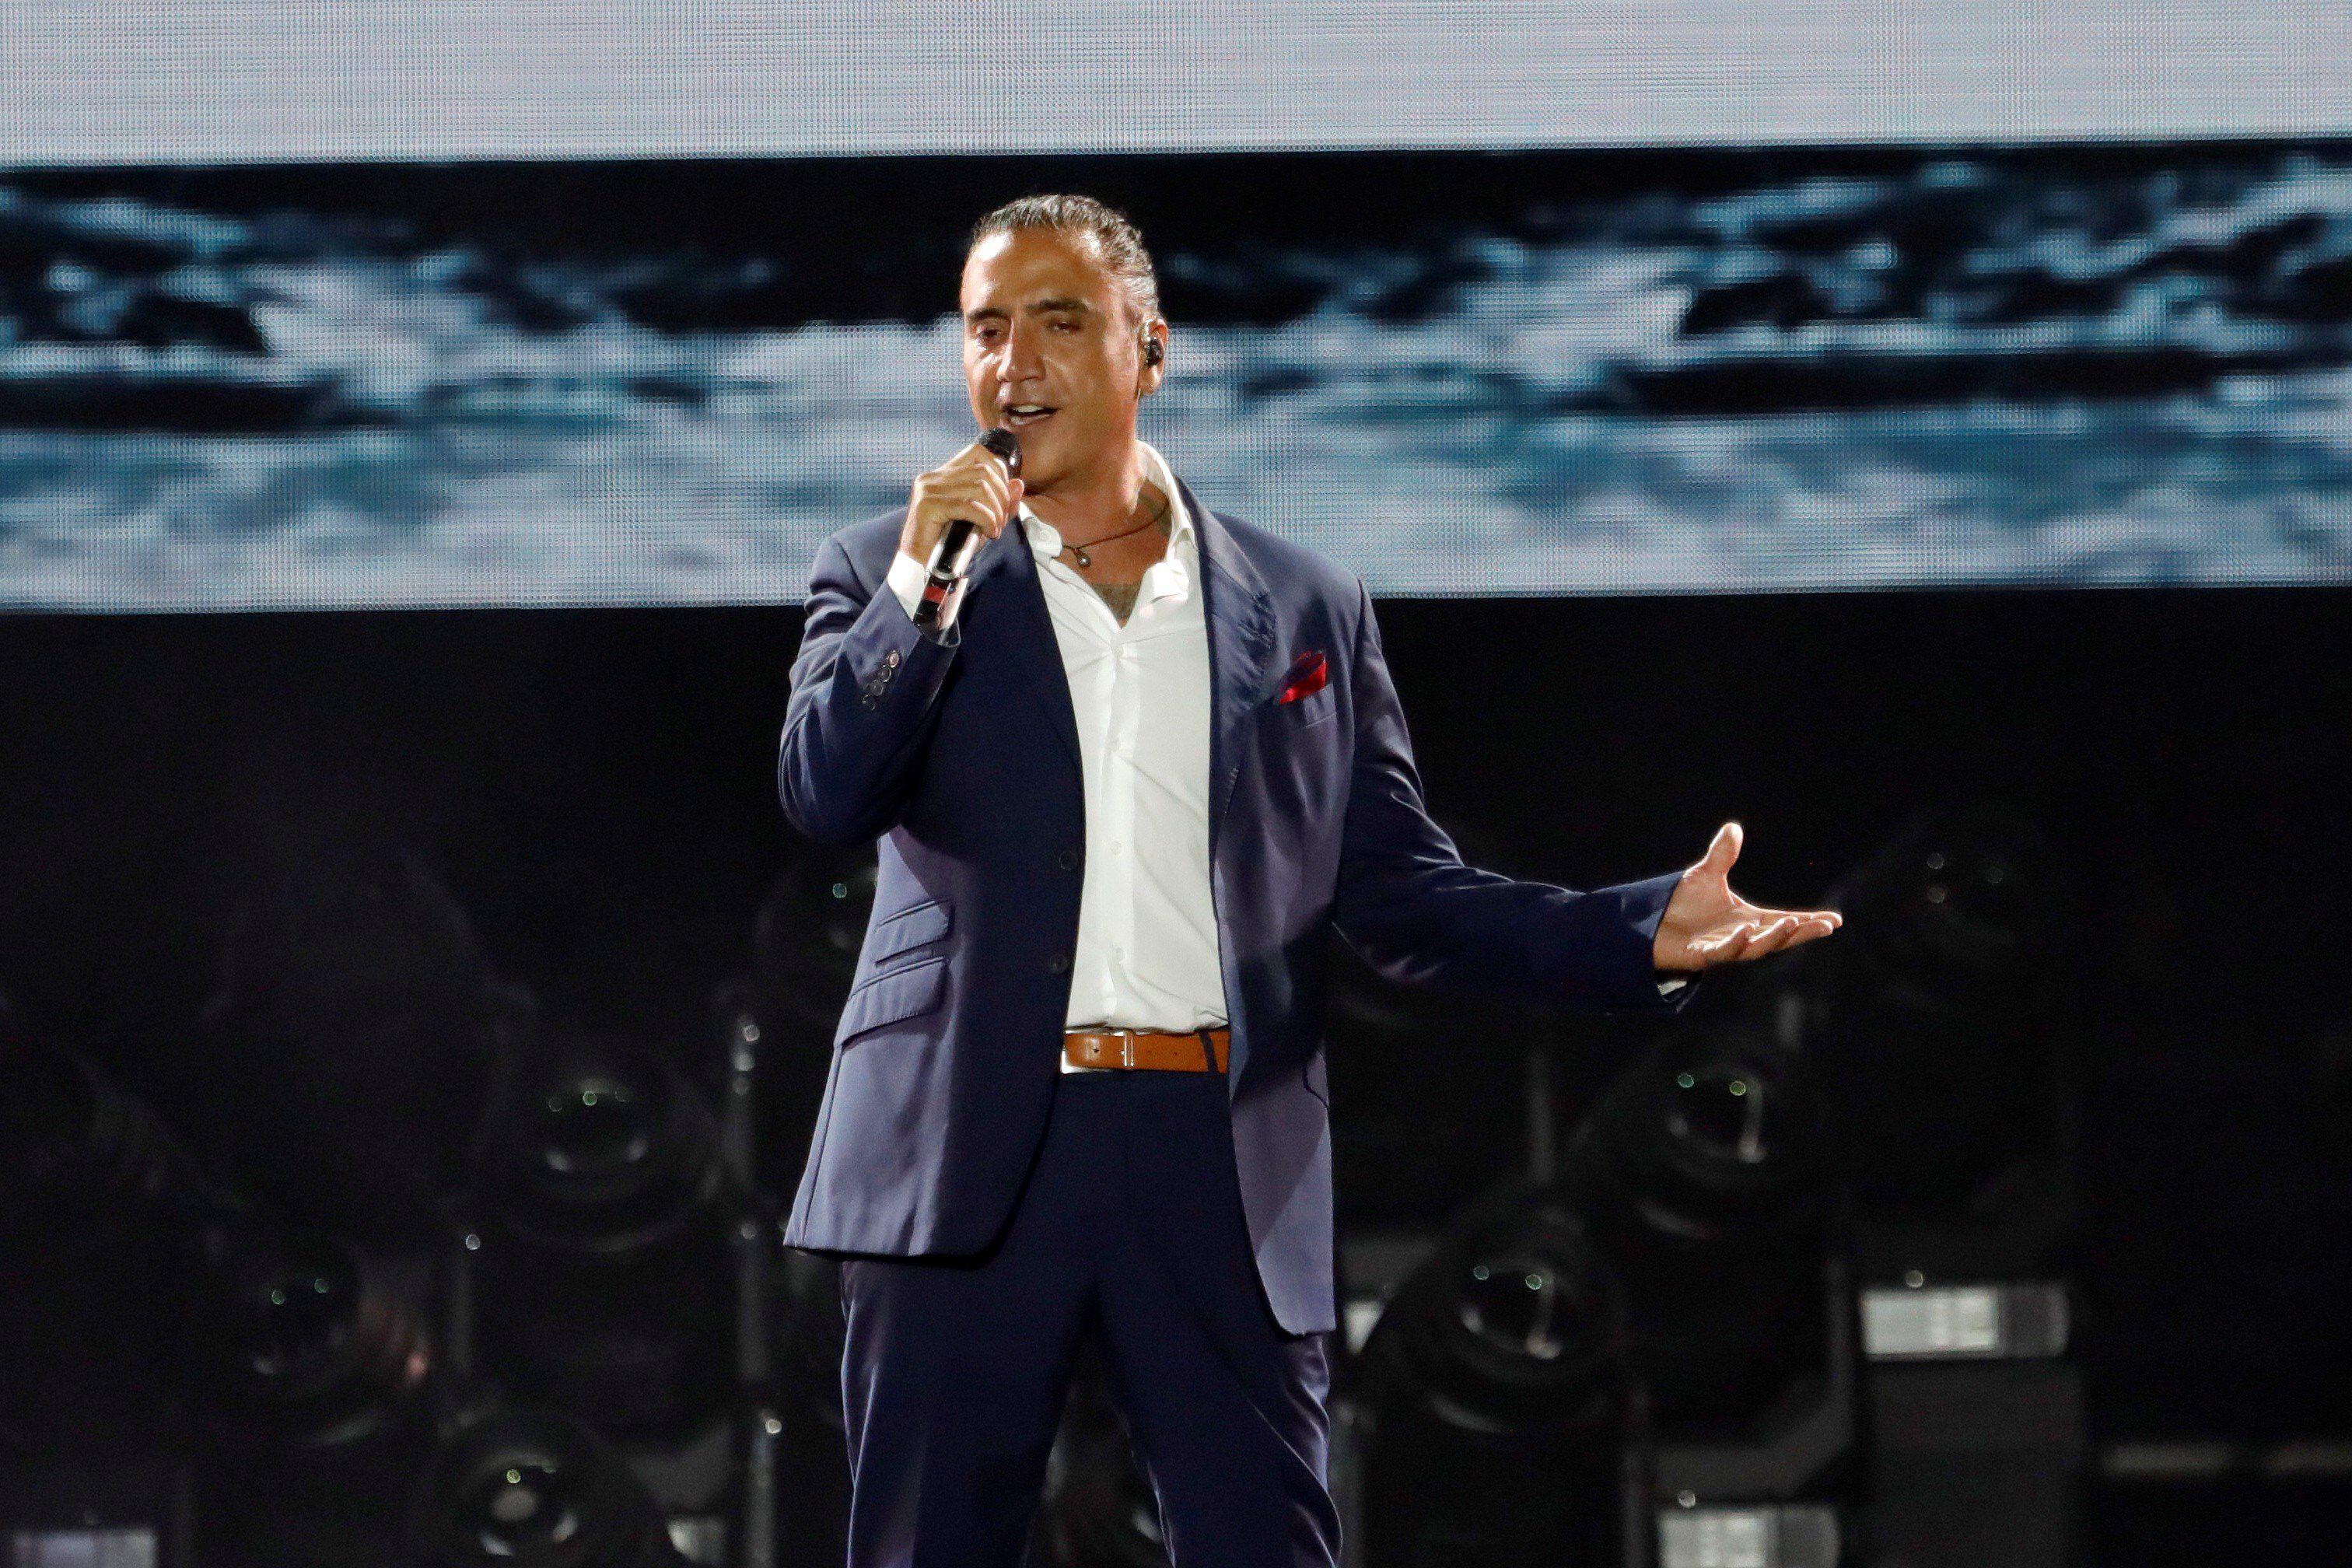 El cantante mexicano Alejandro Fernández durante un concierto. (EFE/JuanJo Martín/Archivo)